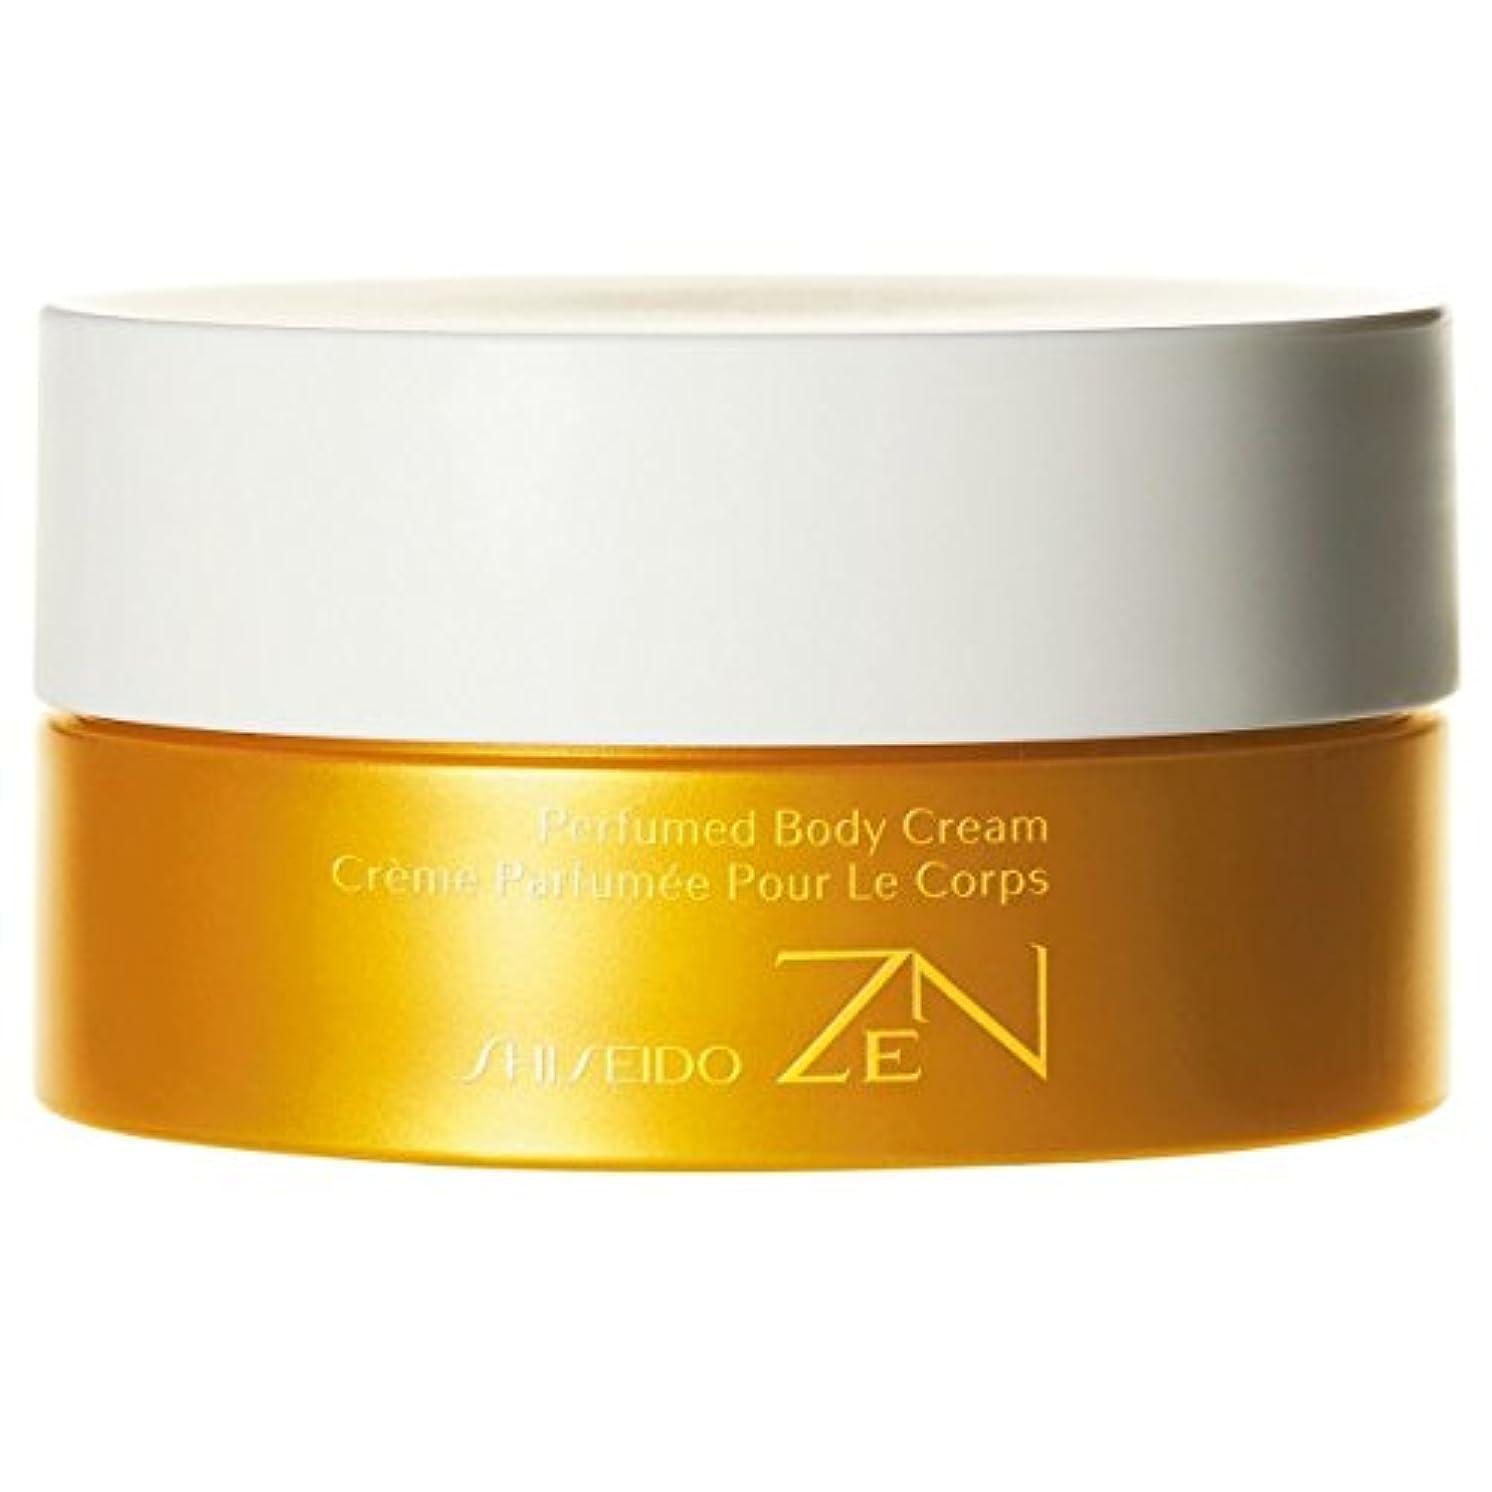 ジャンク警告するフォロー[Shiseido ] 資生堂禅香りのボディクリーム200ミリリットル - Shiseido Zen Perfumed Body Cream 200ml [並行輸入品]